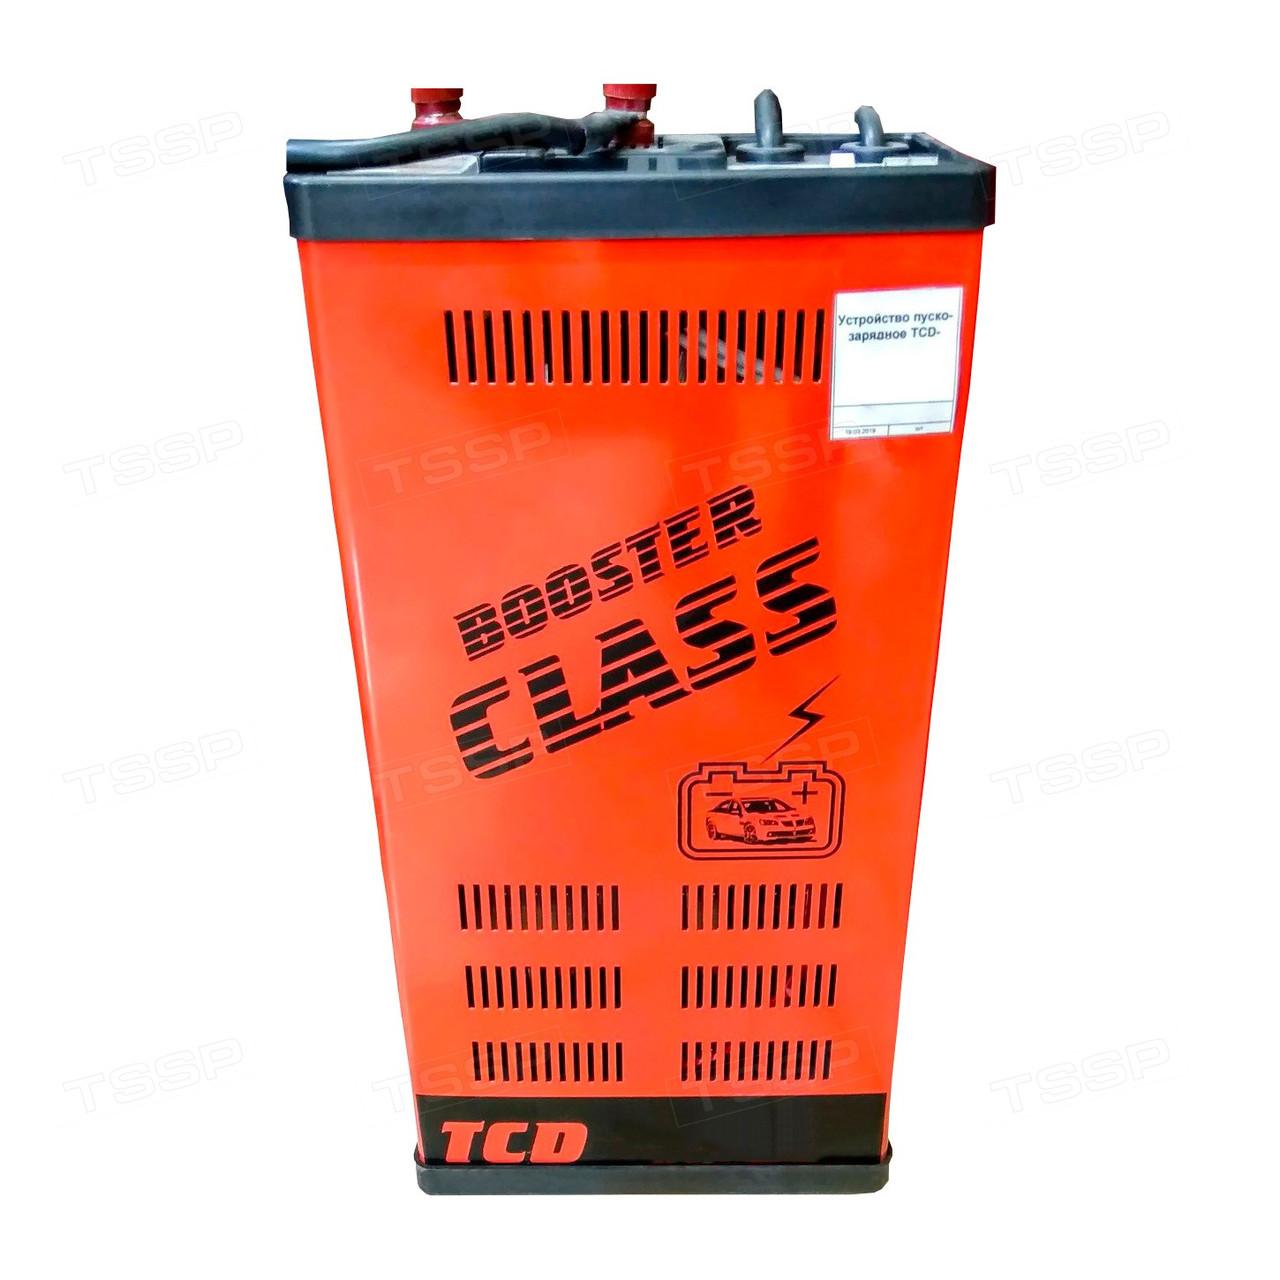 Пуско-зарядное устройство TCD-420 TT